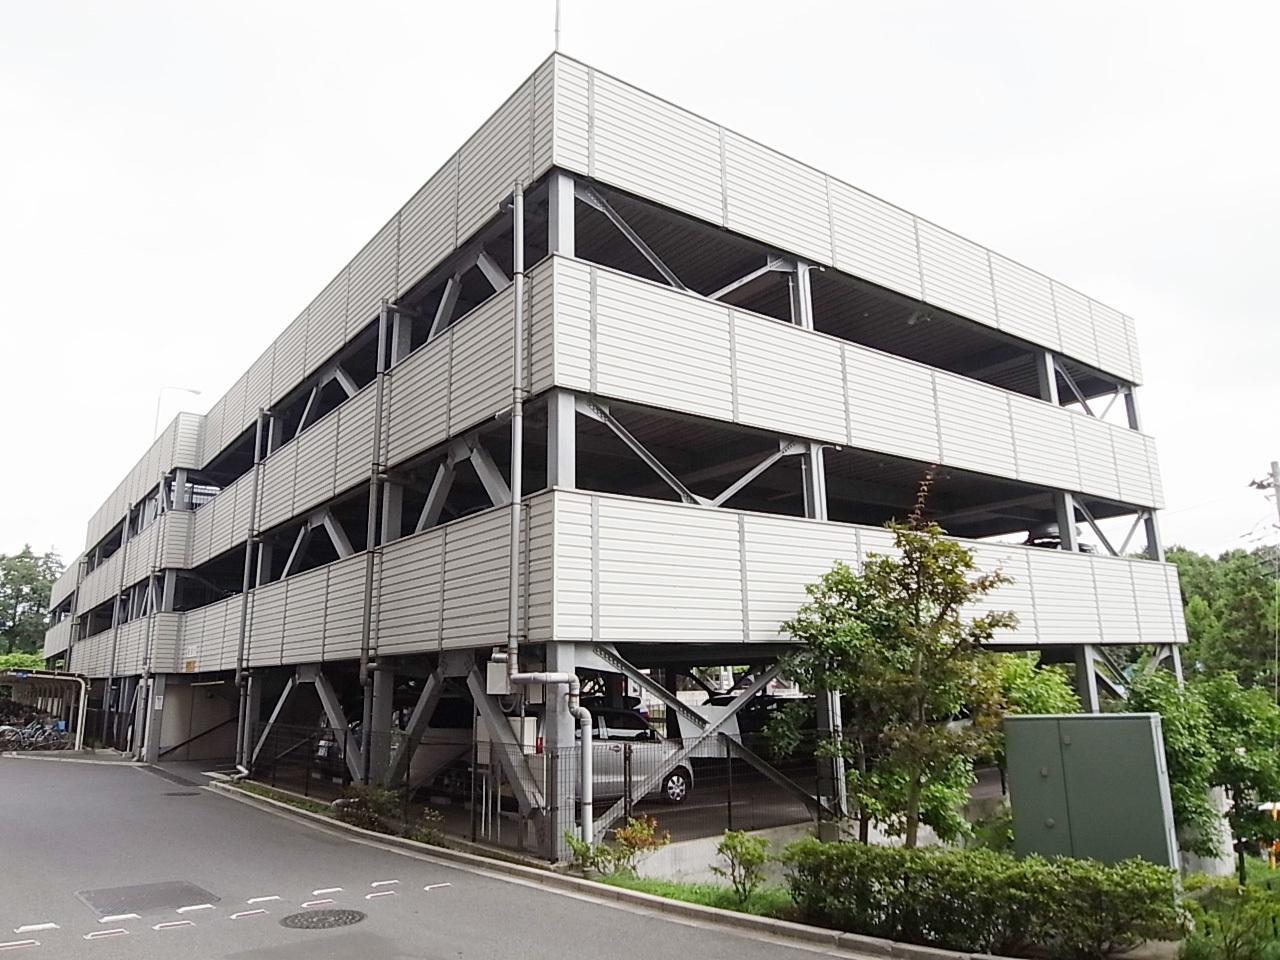 暮らしの行動力を広げる自走式駐車場100%完備。